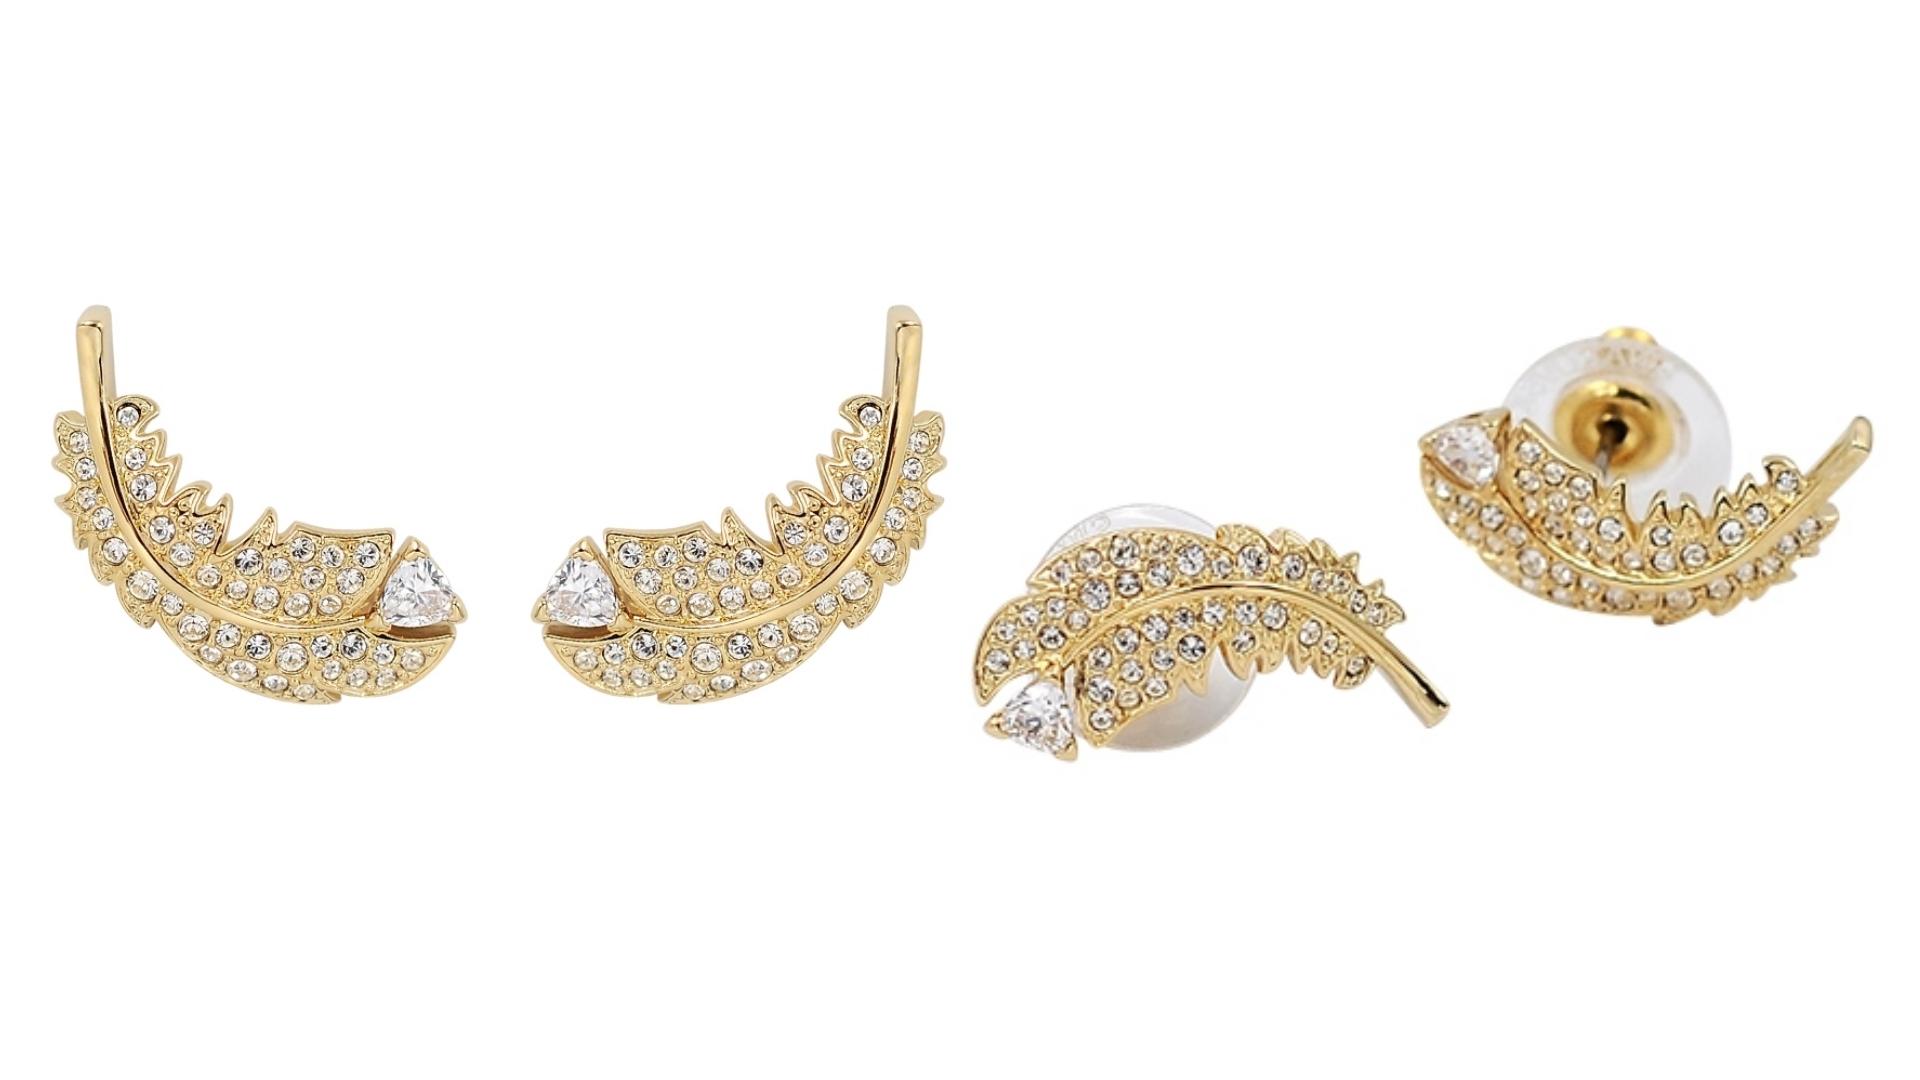 愛的迫降配戴款,使用璀璨水晶點綴裝飾,打造永恆時尚經典。